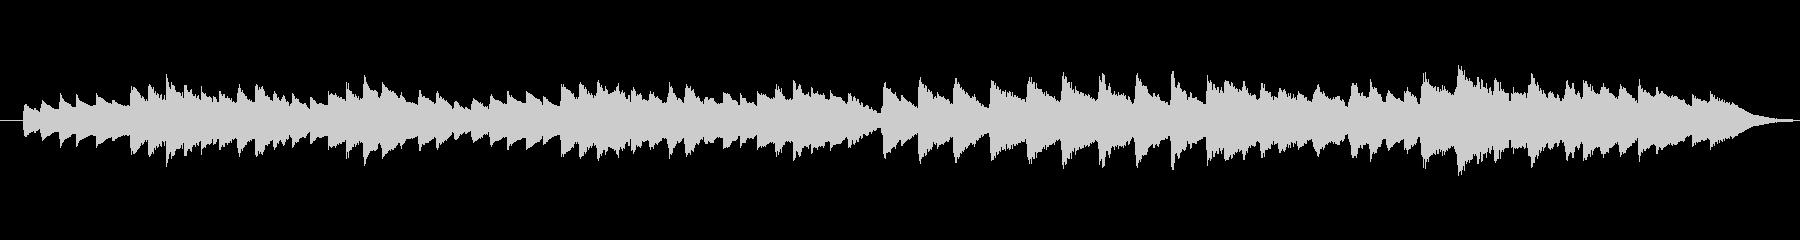 着信音サイズ(30秒)のオルゴール曲の未再生の波形